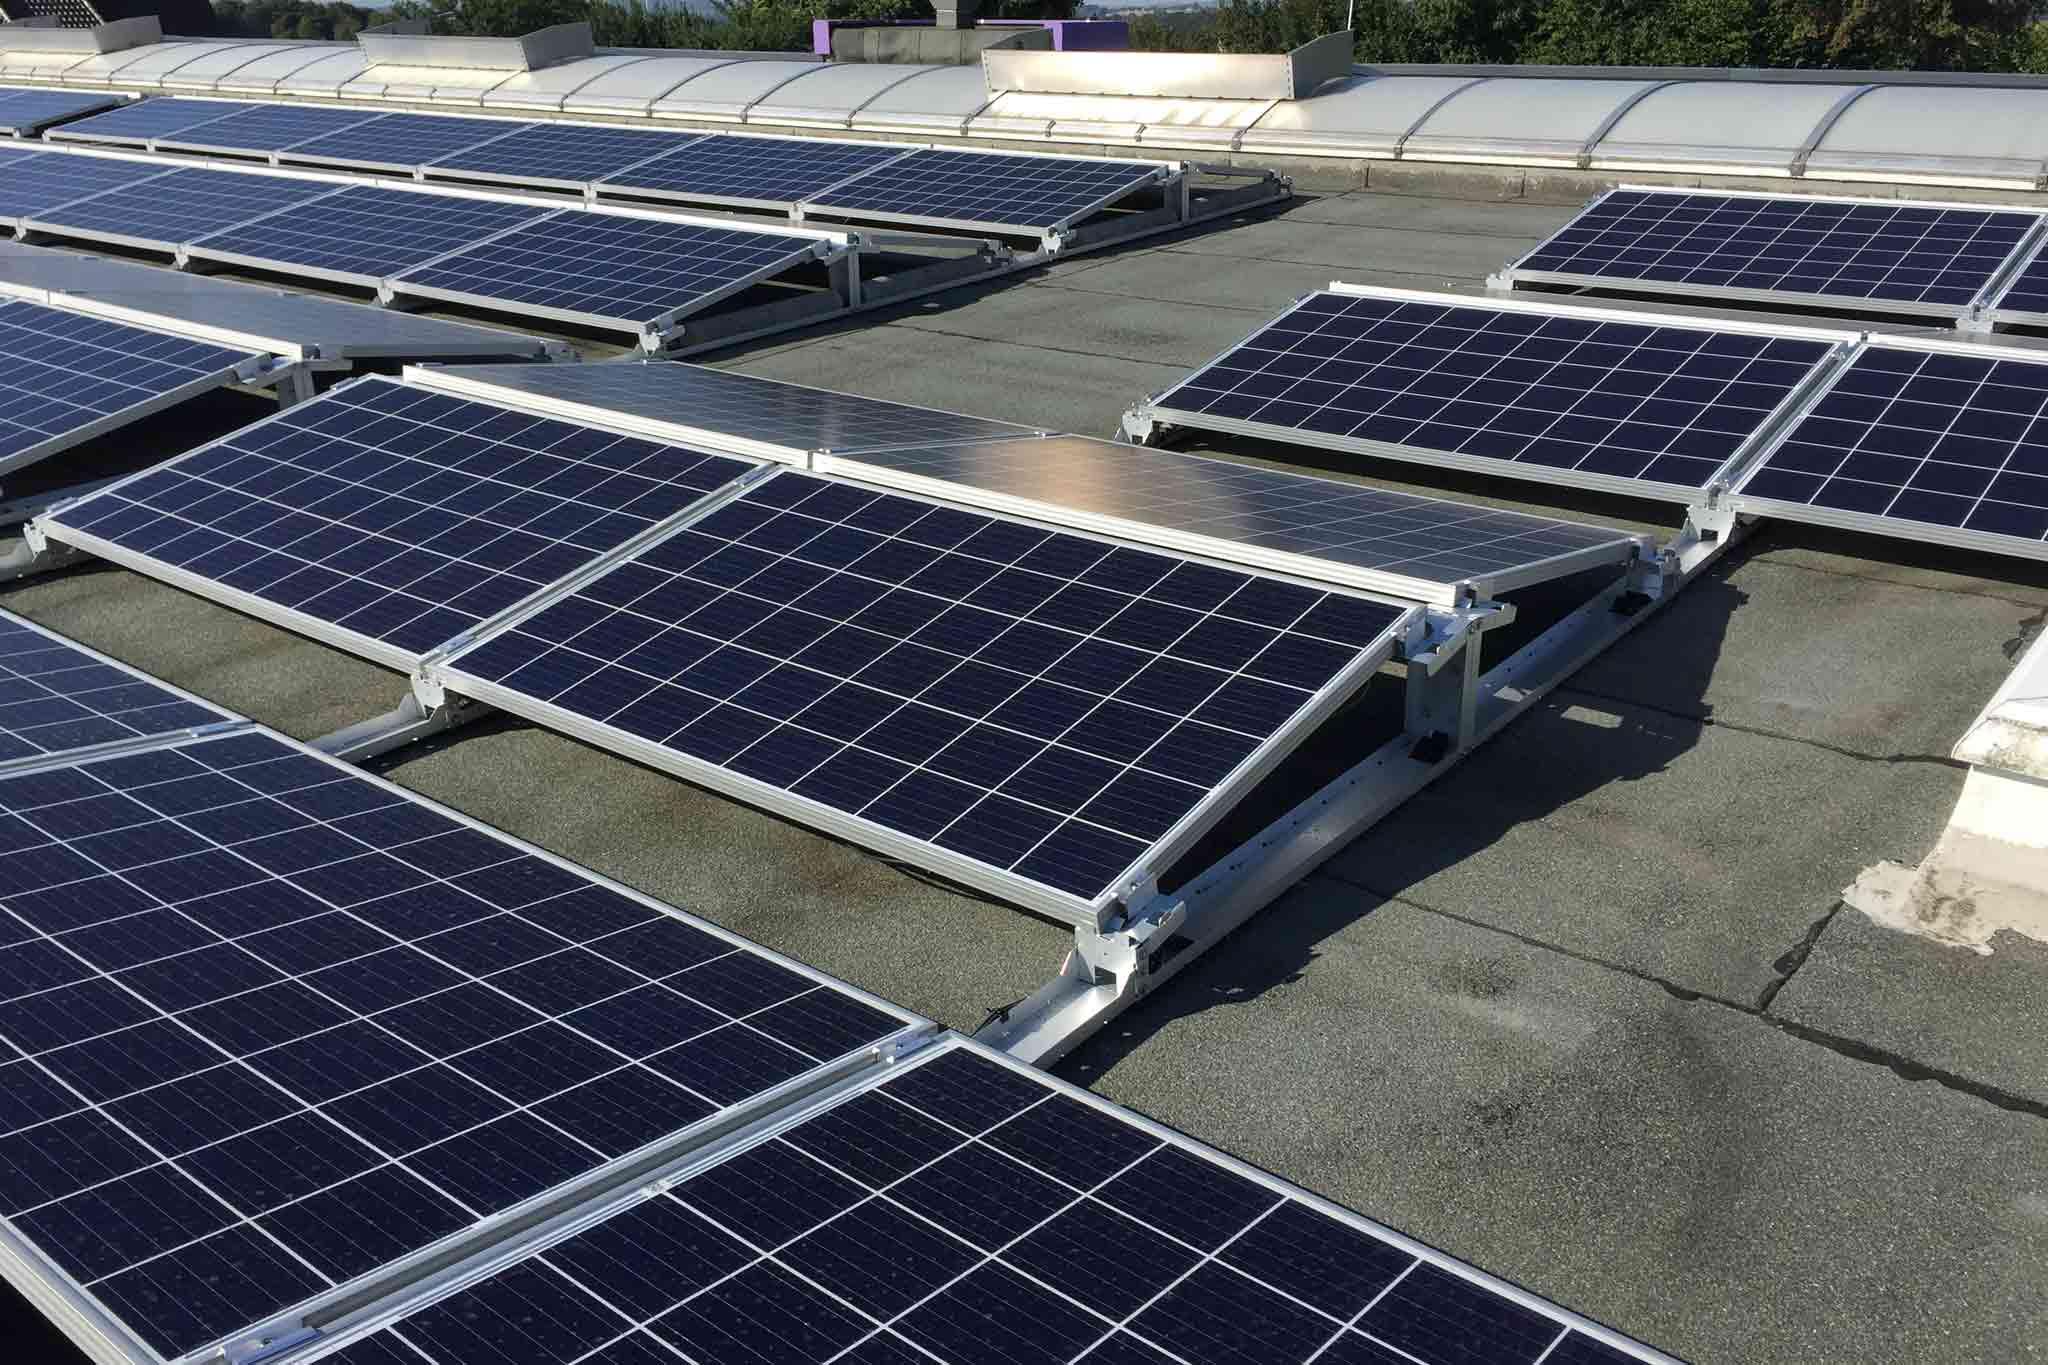 Photovoltaik-Anlage mit Ost-West-Ausrichtung